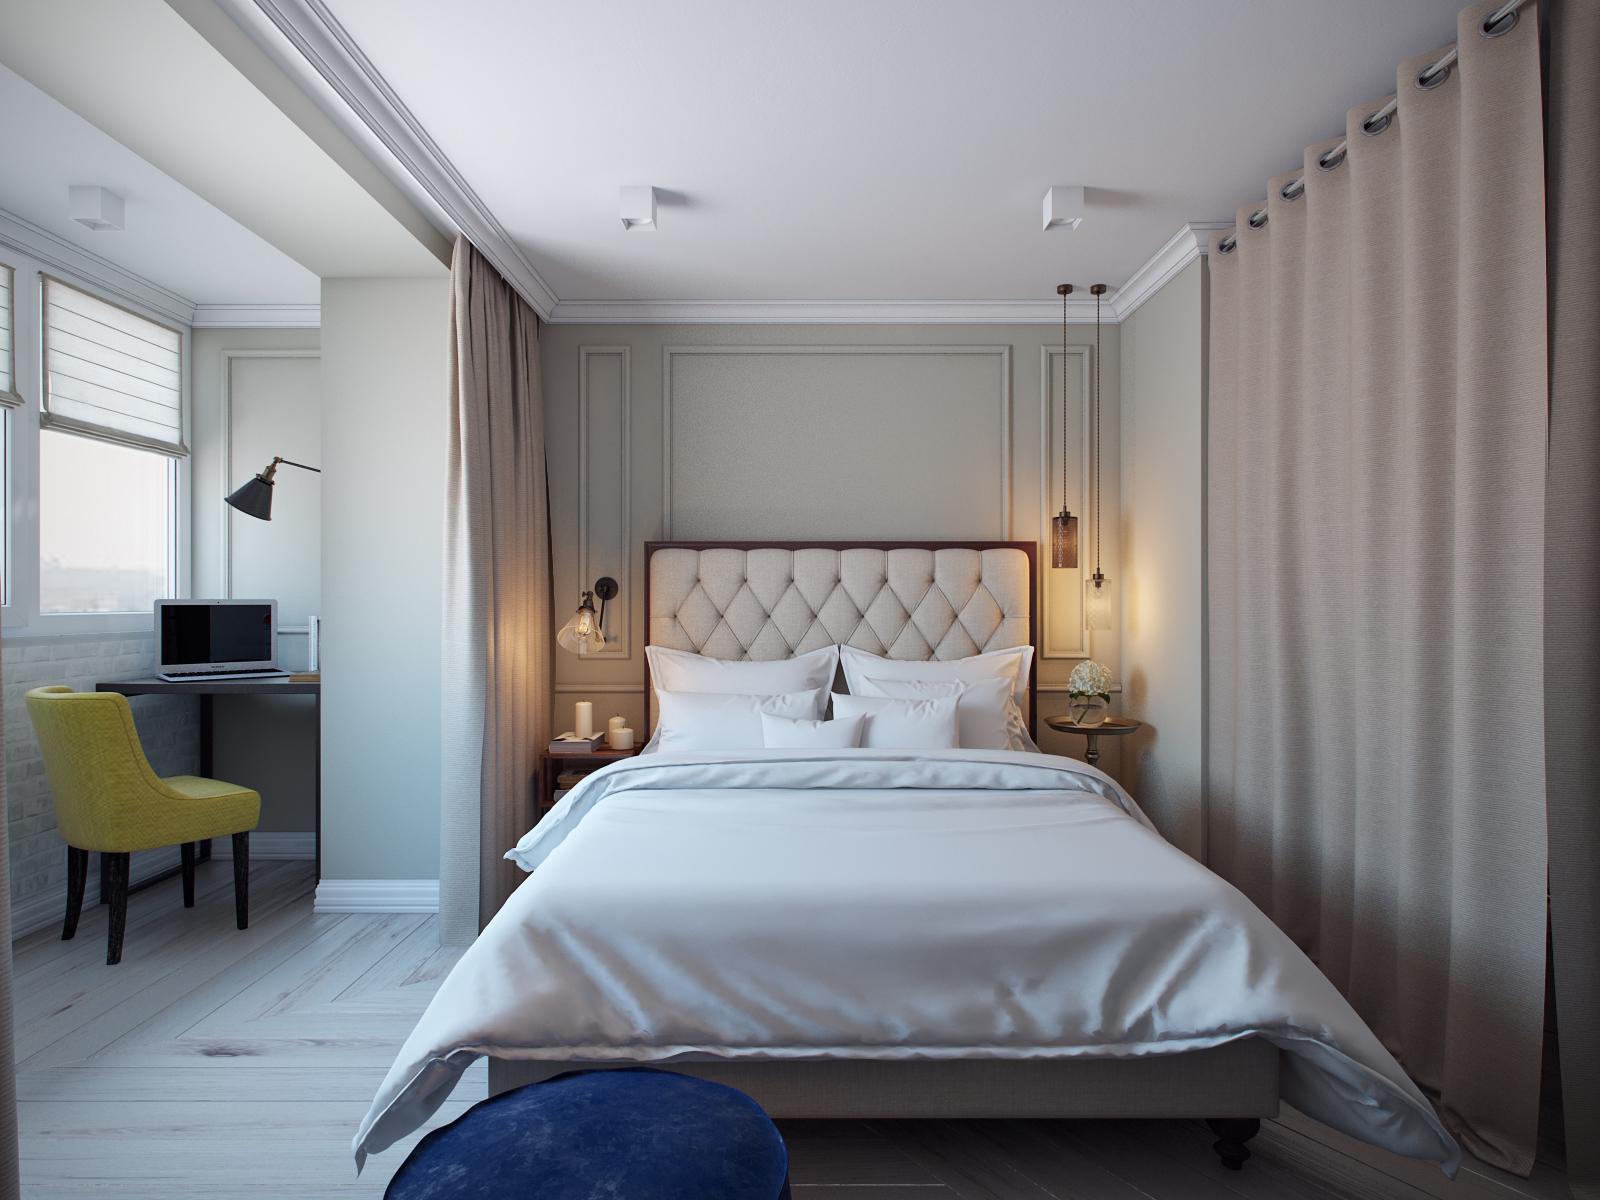 Различные светильники и свечи в интерьере спальни